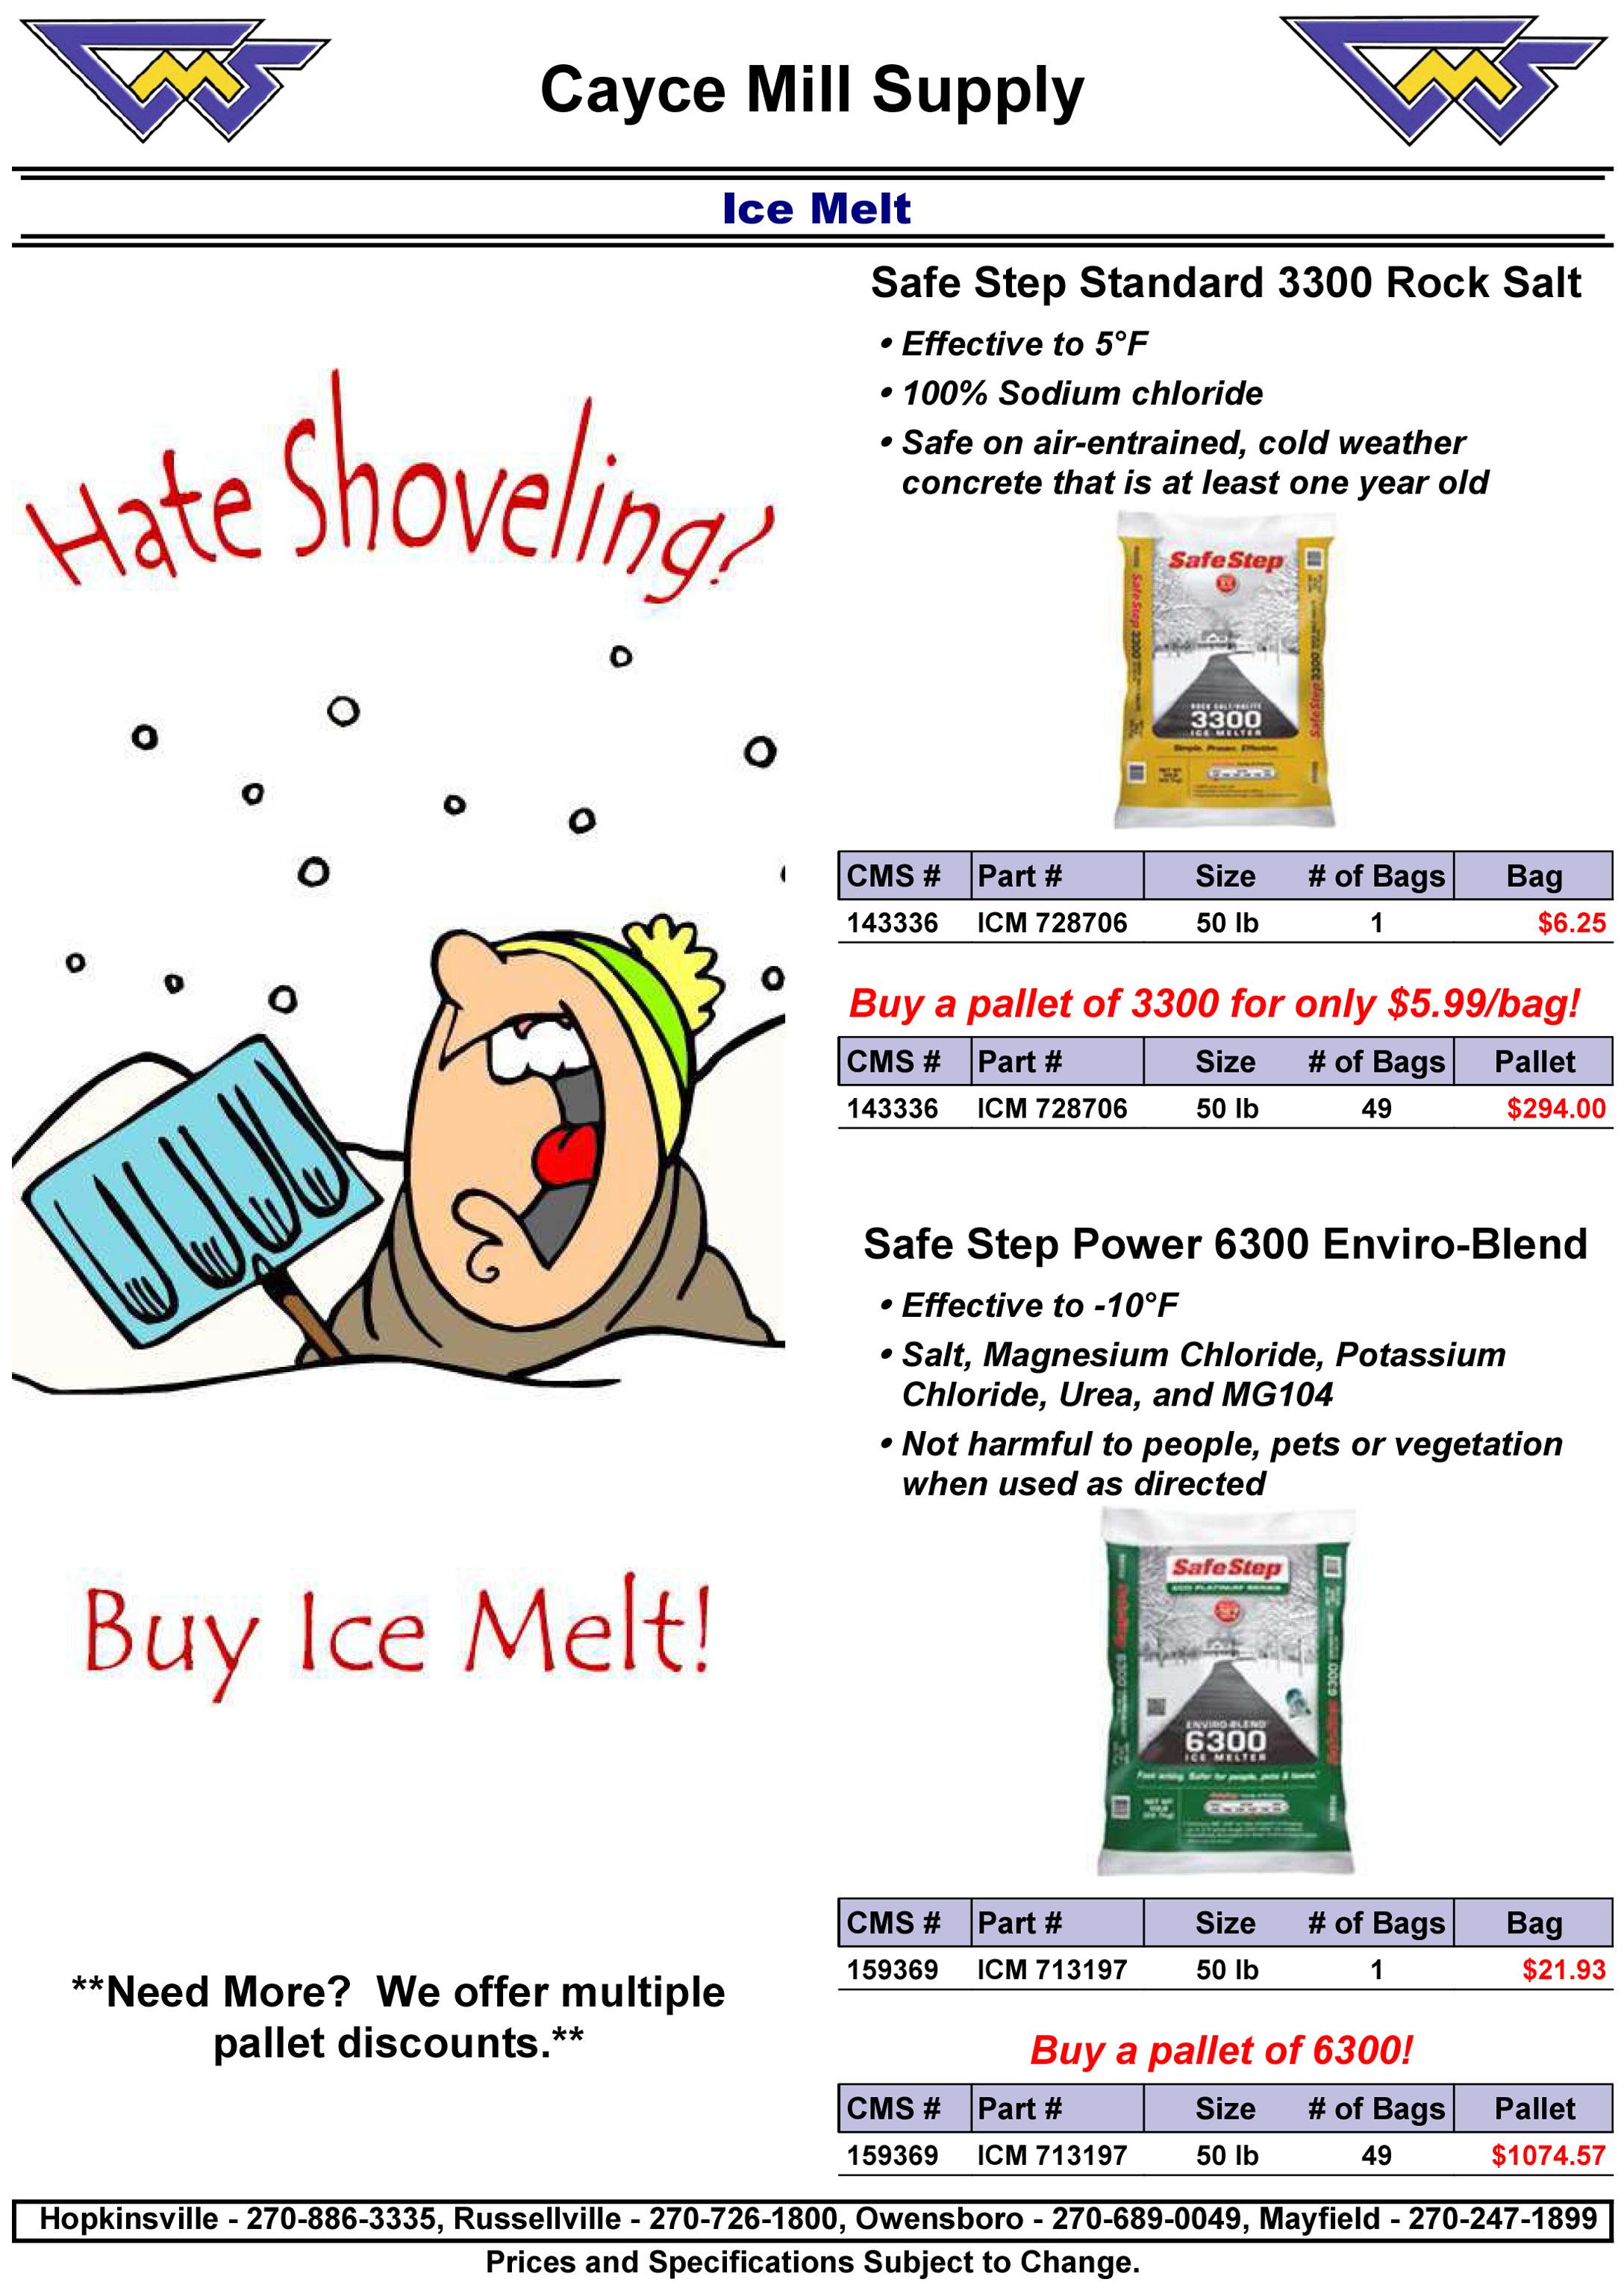 ICE MELT PROMO